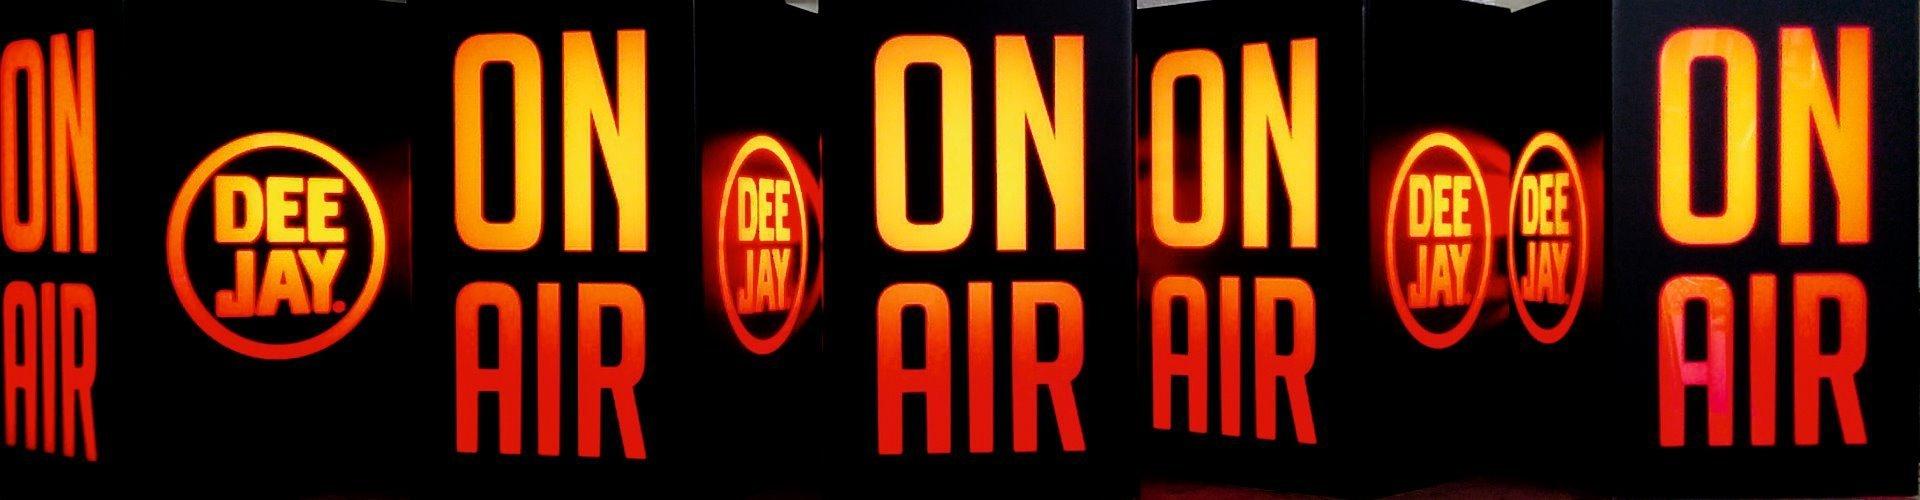 lampade radio deejay neon tisana